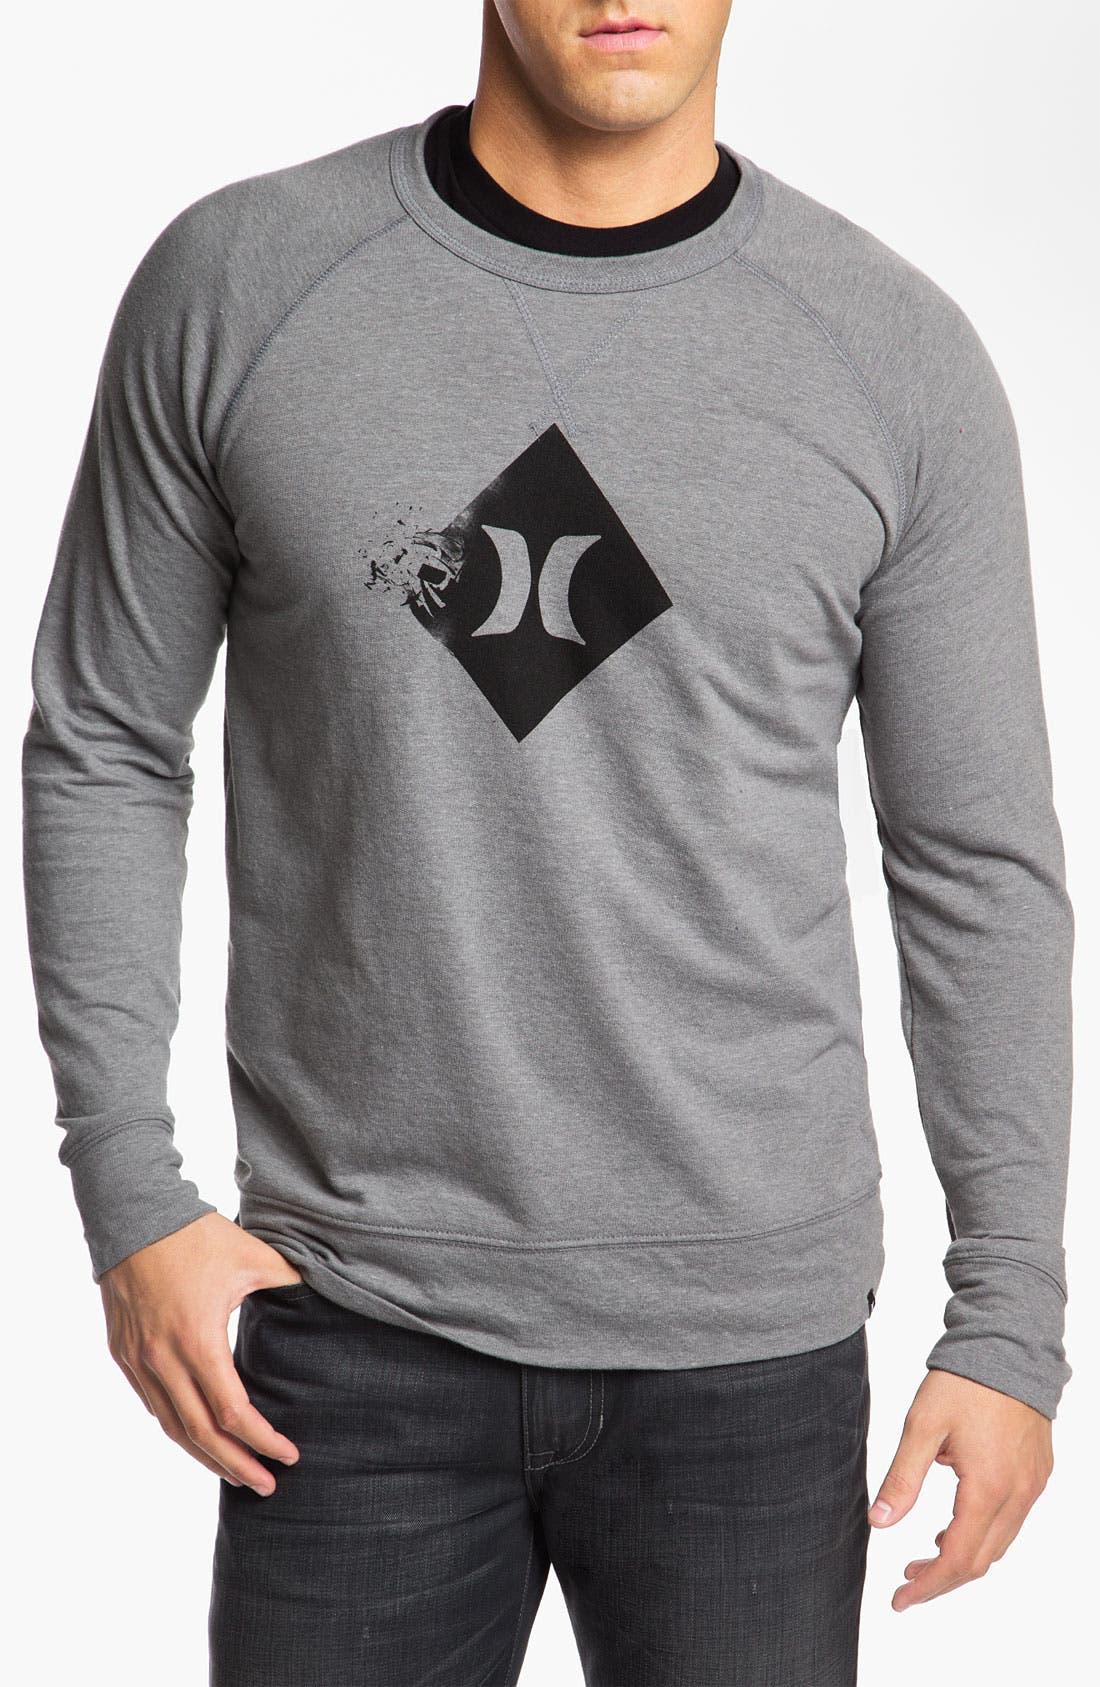 Alternate Image 1 Selected - Hurley 'Broken' Graphic Crewneck Sweatshirt